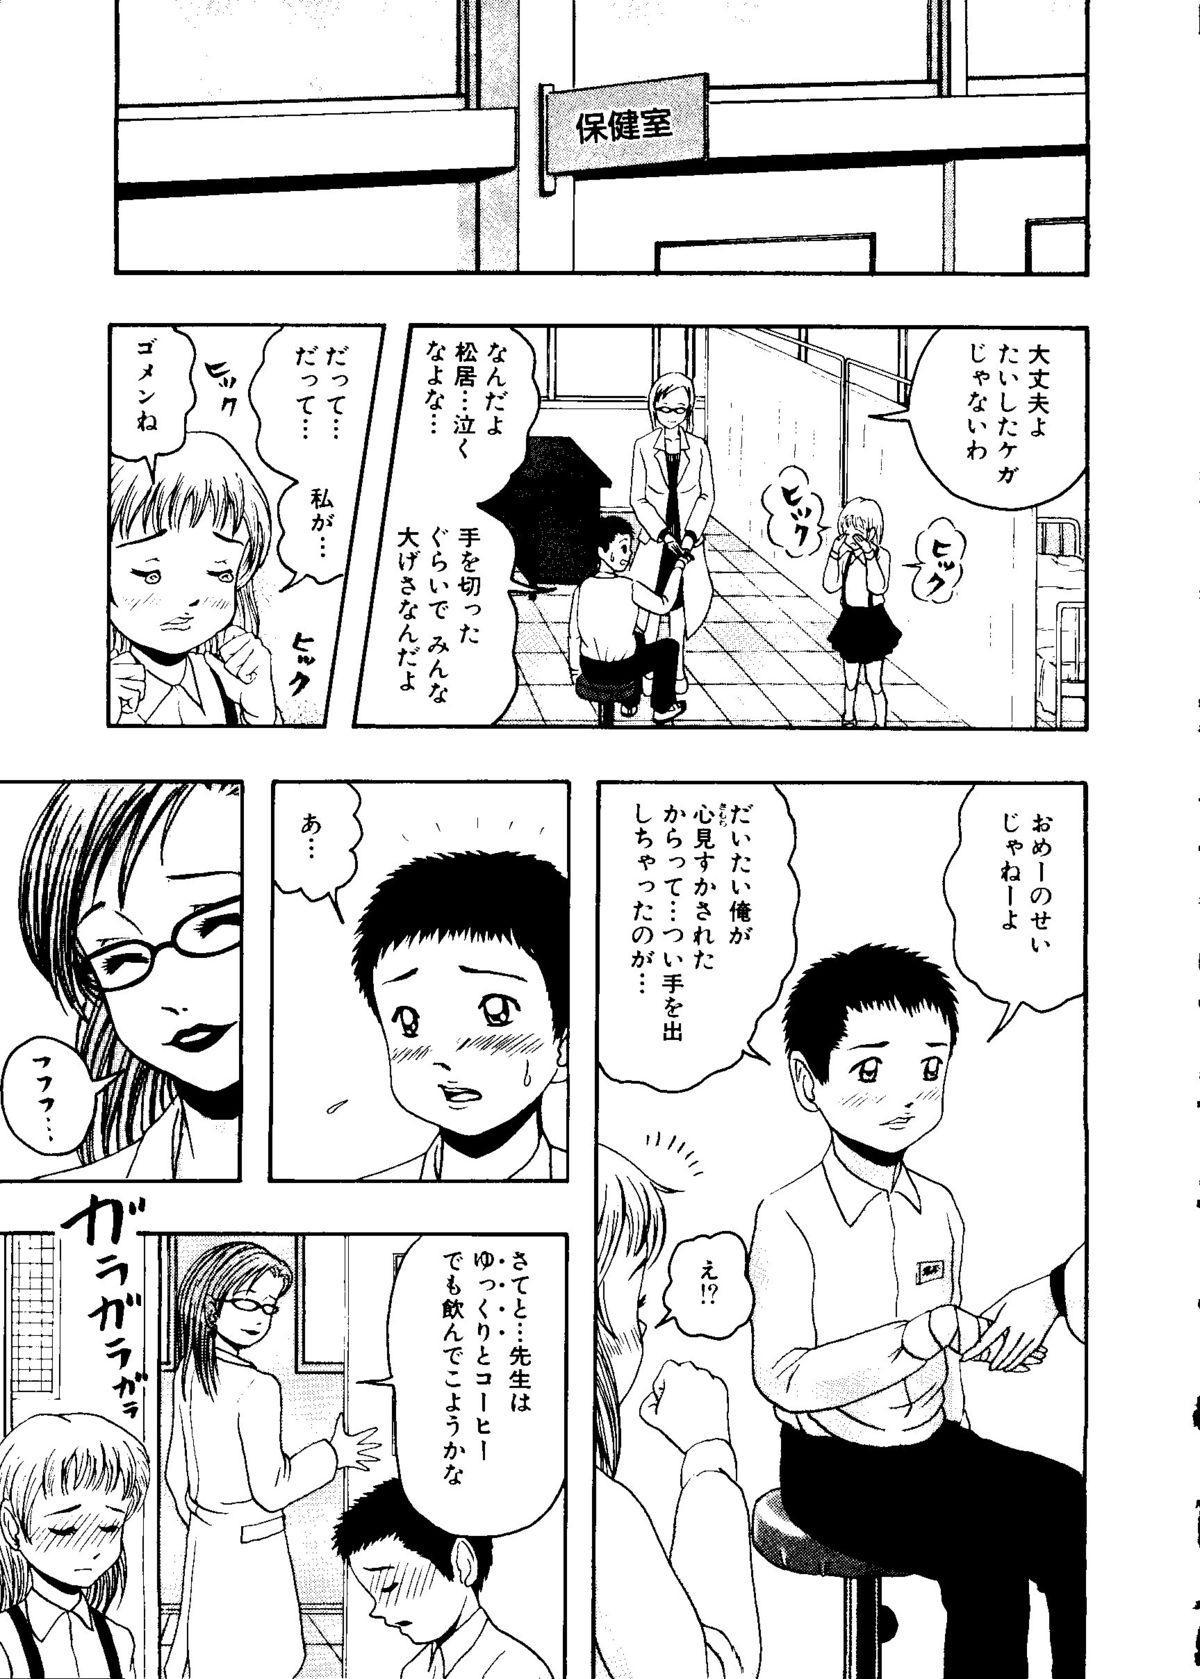 Mujirushi Youhin Vol. 7 89